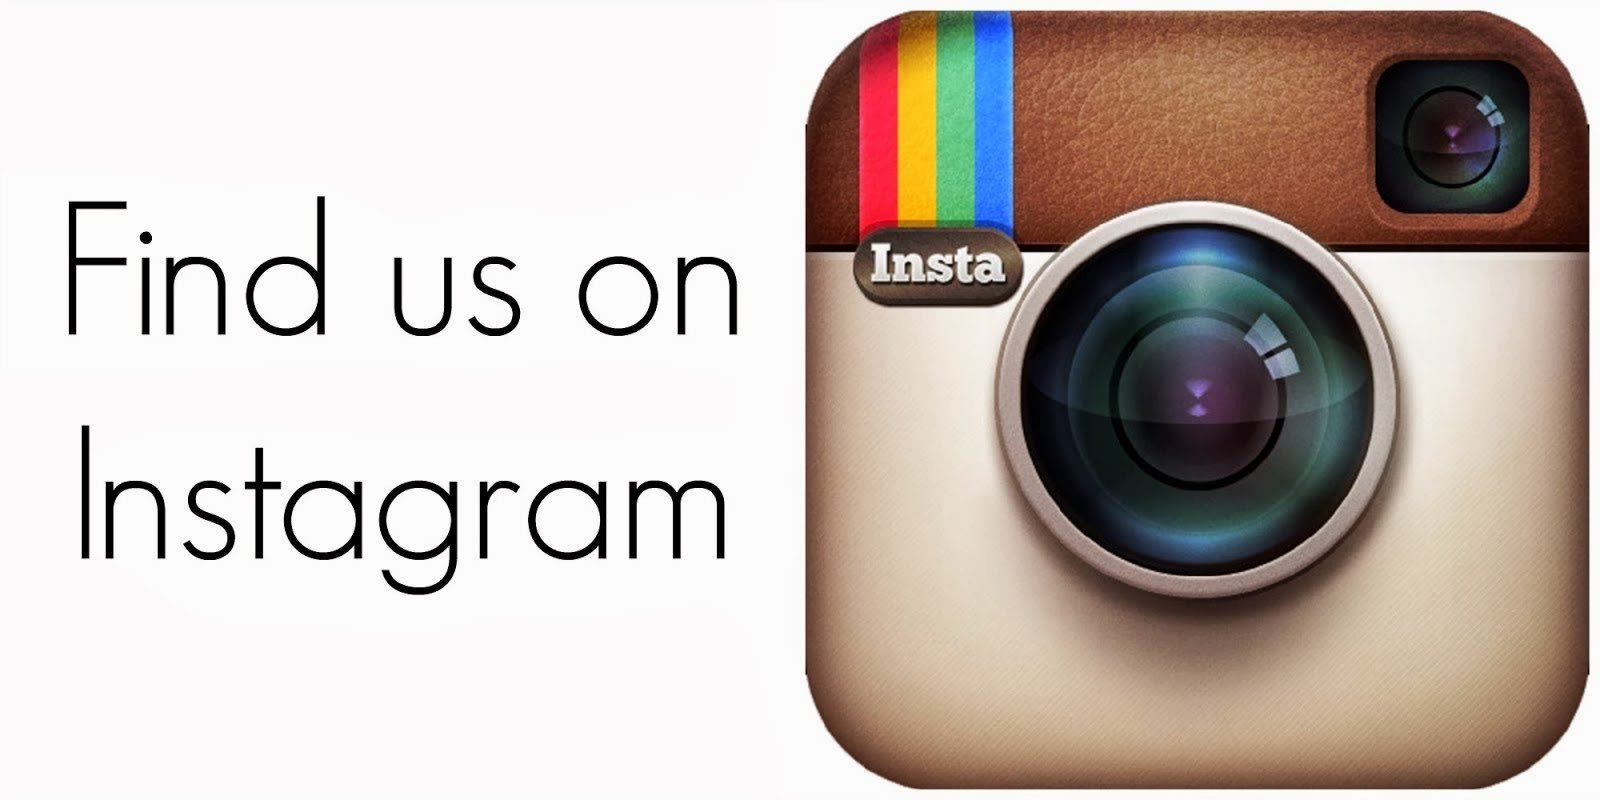 bradley danks instagram icon